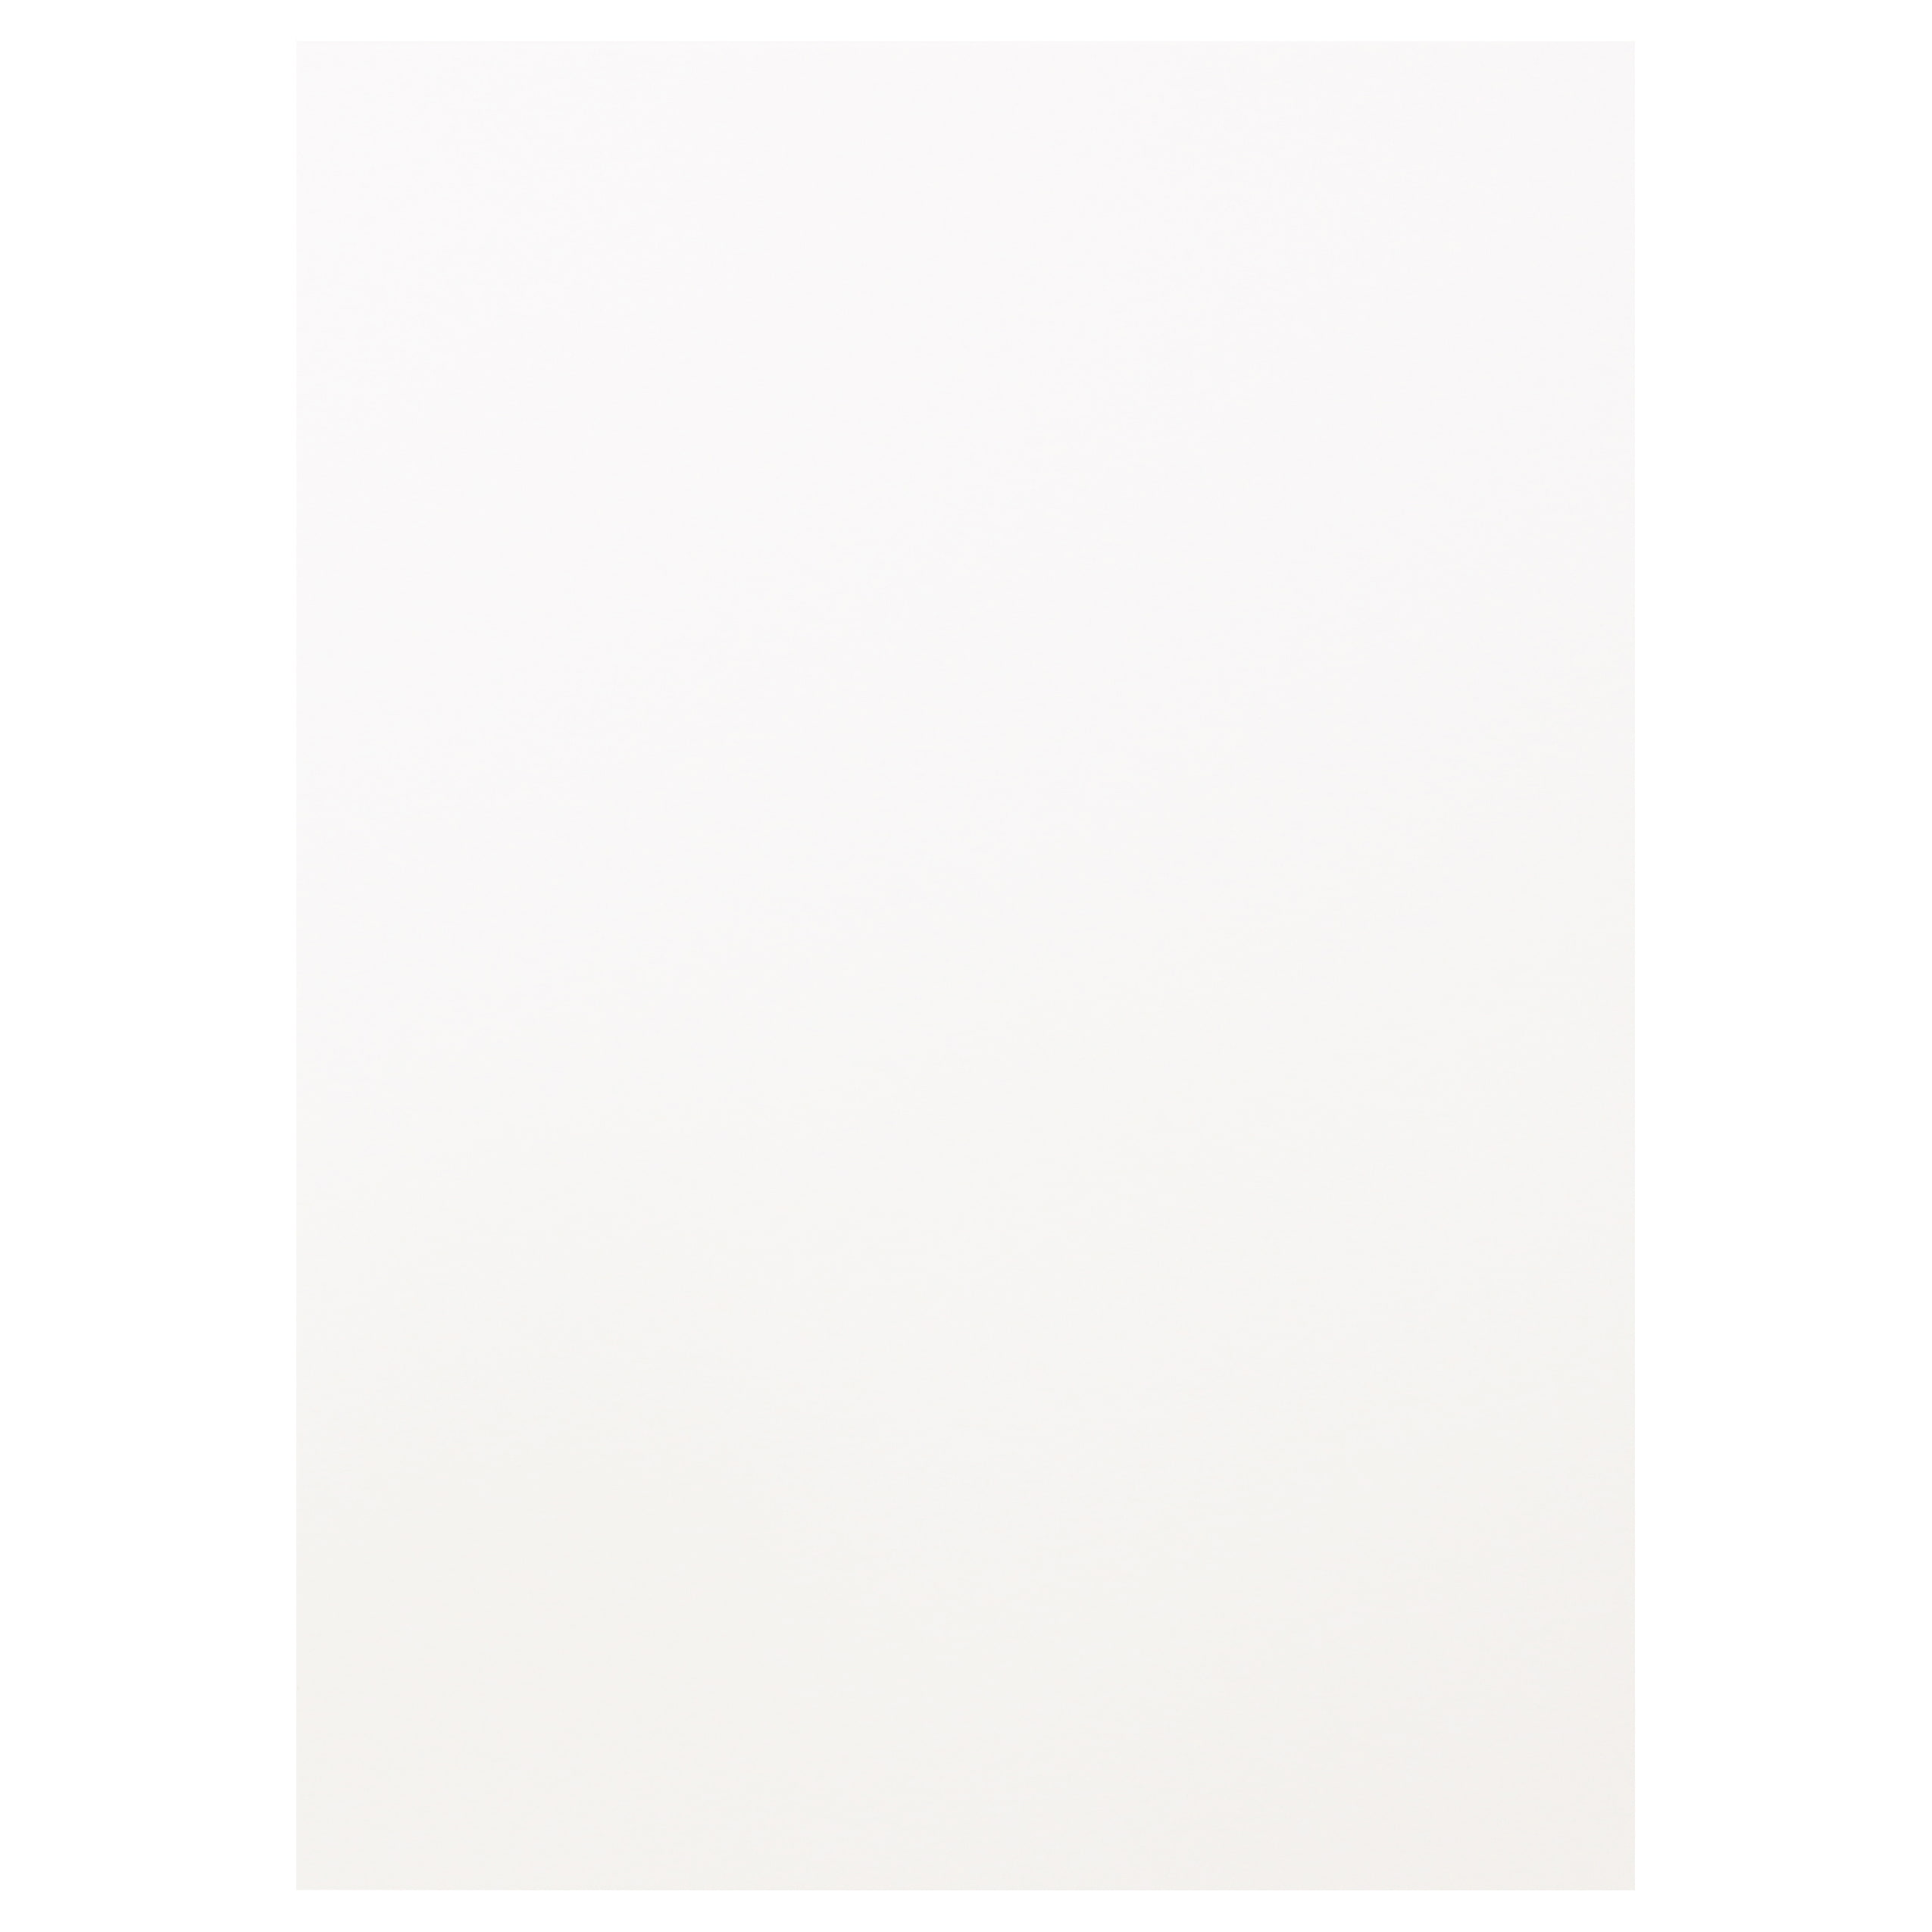 A4カード+α コットン スノーホワイト 232.8g